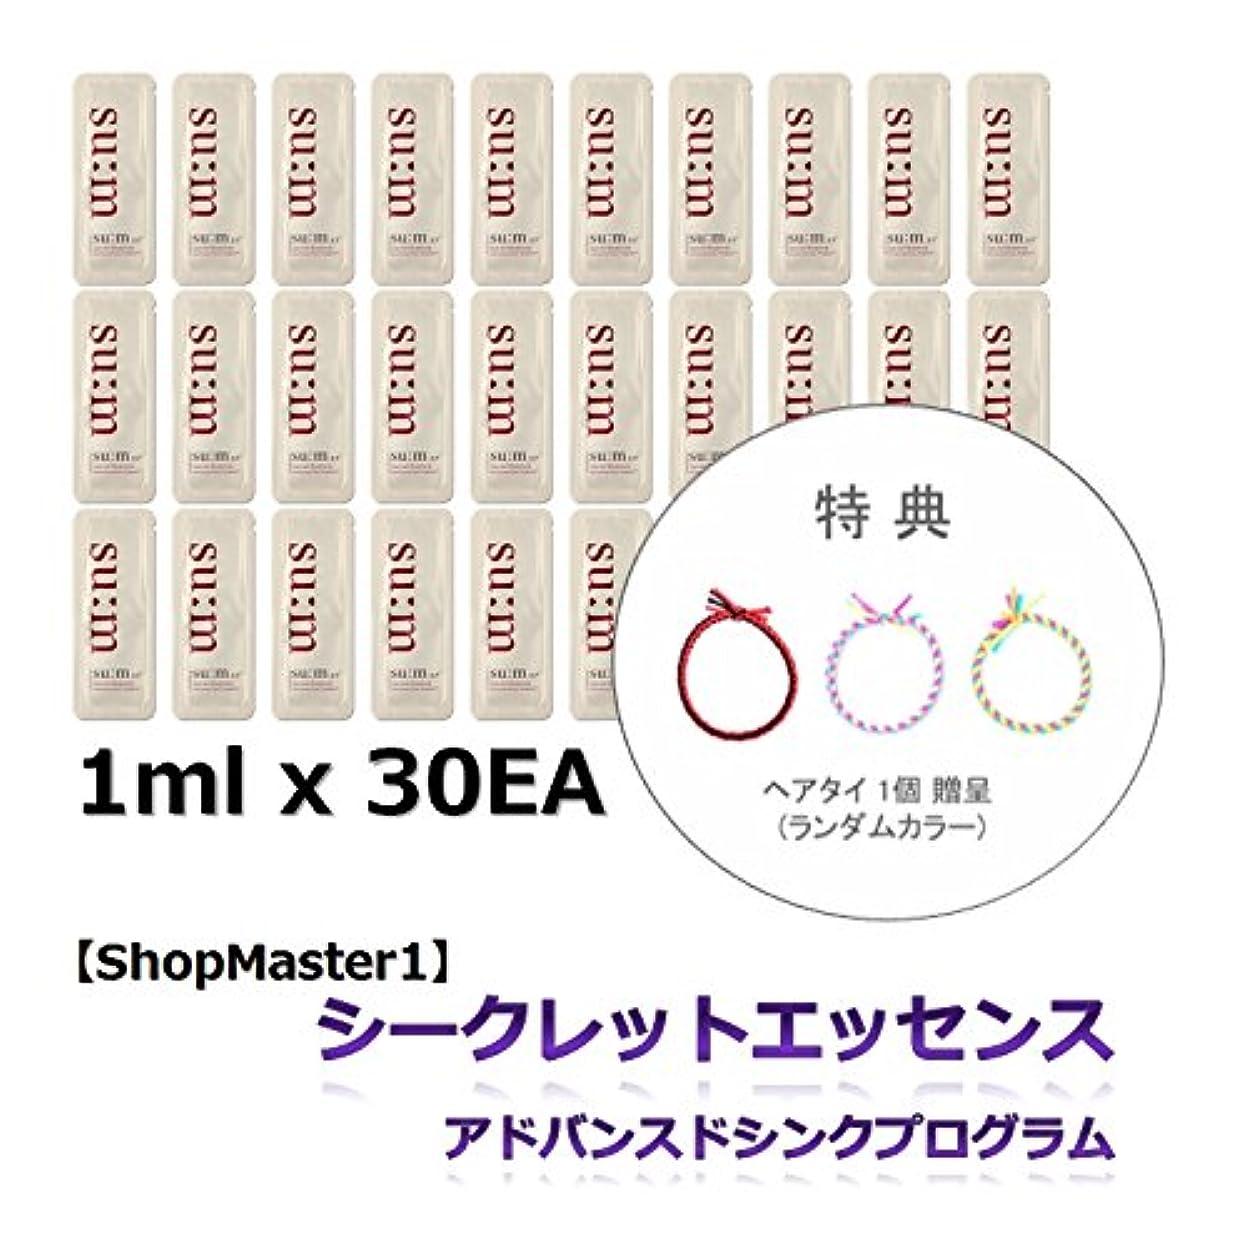 脱走のりインク【スム37° su:m37°】シークレットエッセンス 1ml x 30枚 / Secret Essence 1ml x 30EA / 特典 - ヘアタイ贈呈(ランダムカラー) [並行輸入品]